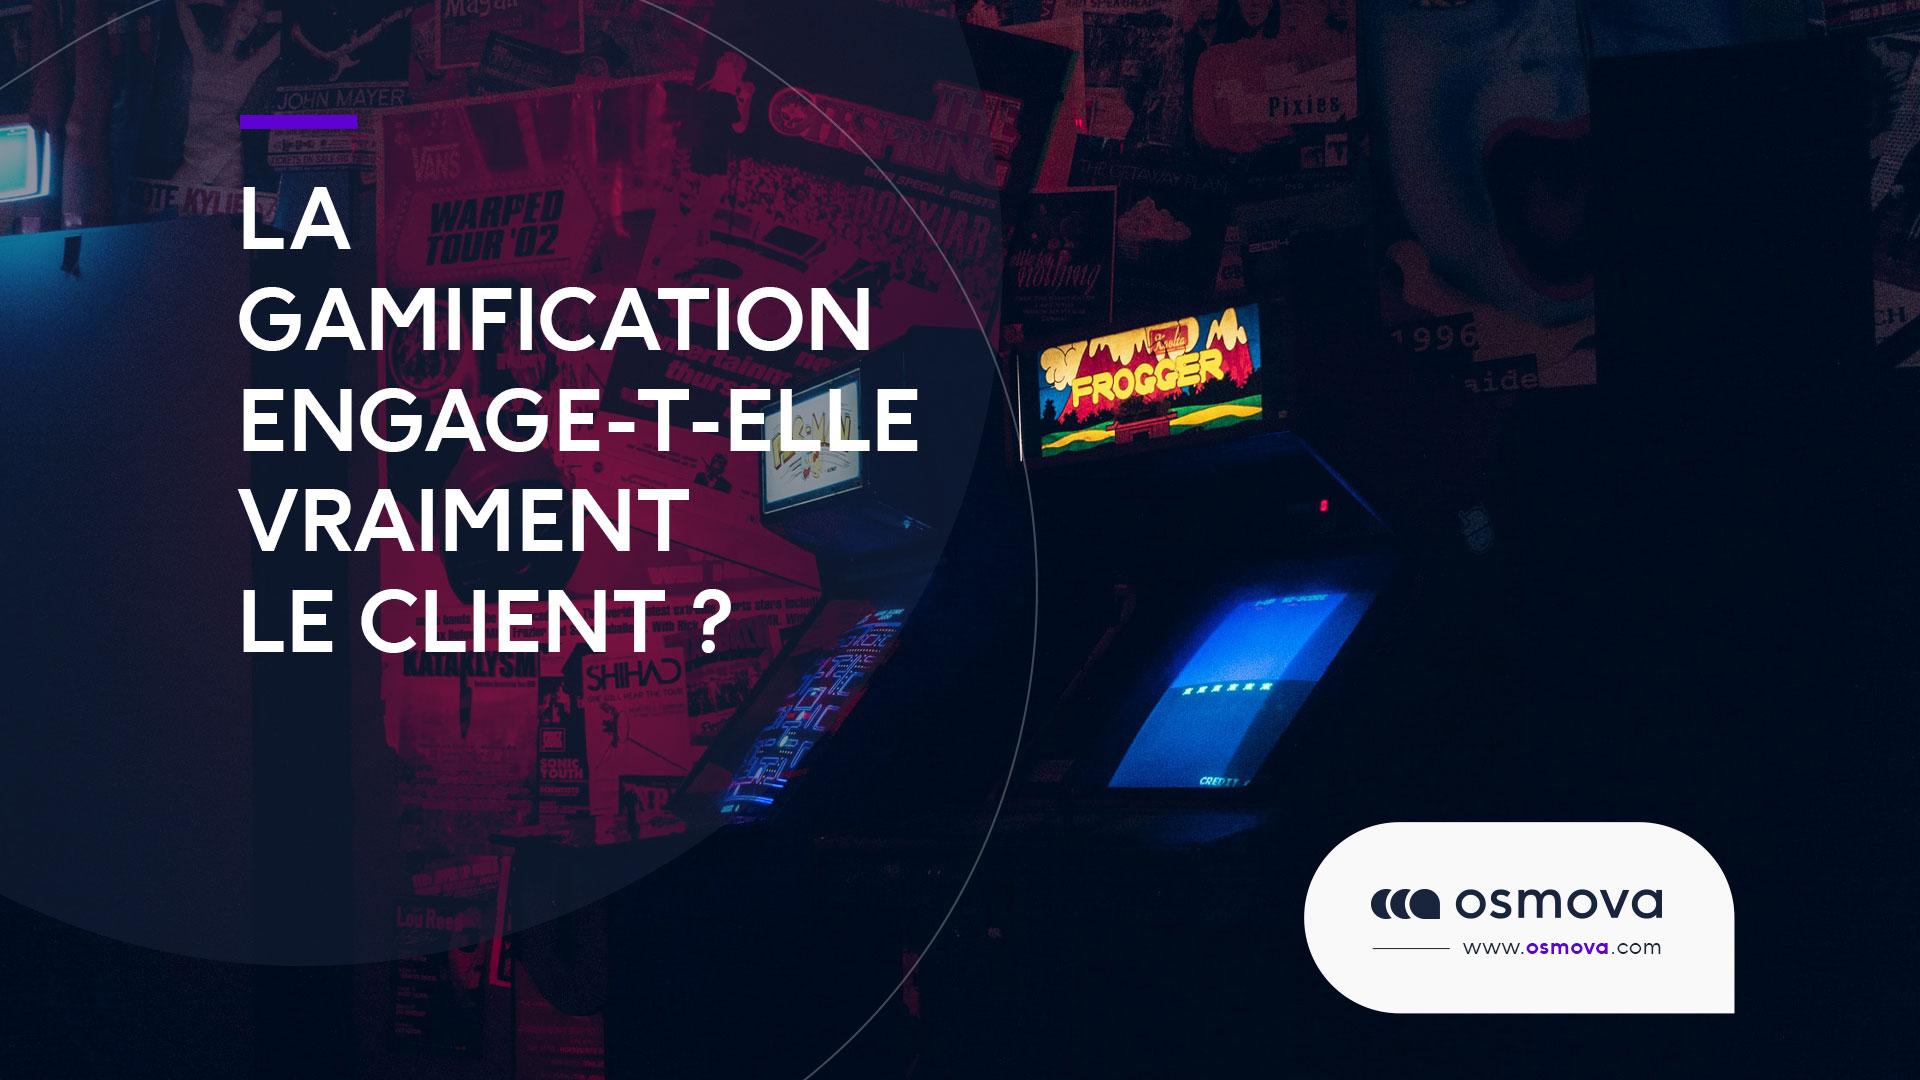 La gamification engage-t-elle vraiment le client ?